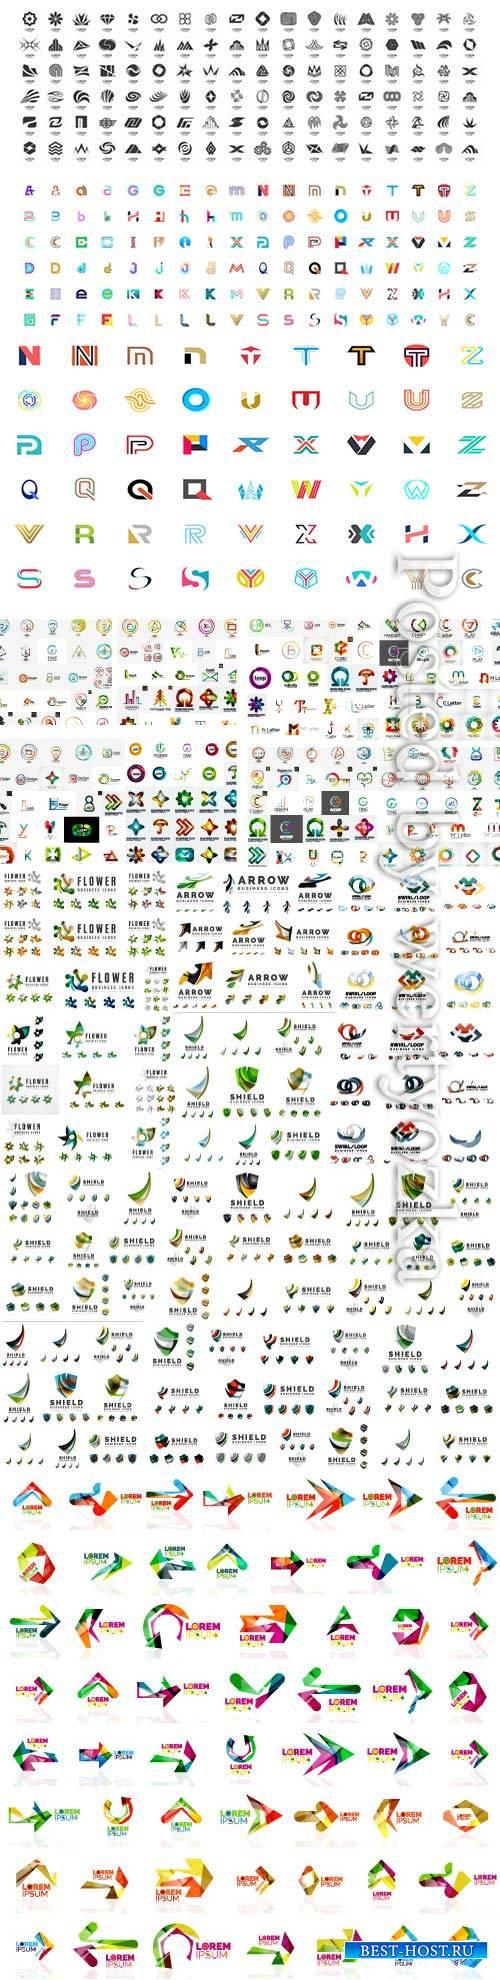 Vector abstract mega company logos collection # 2